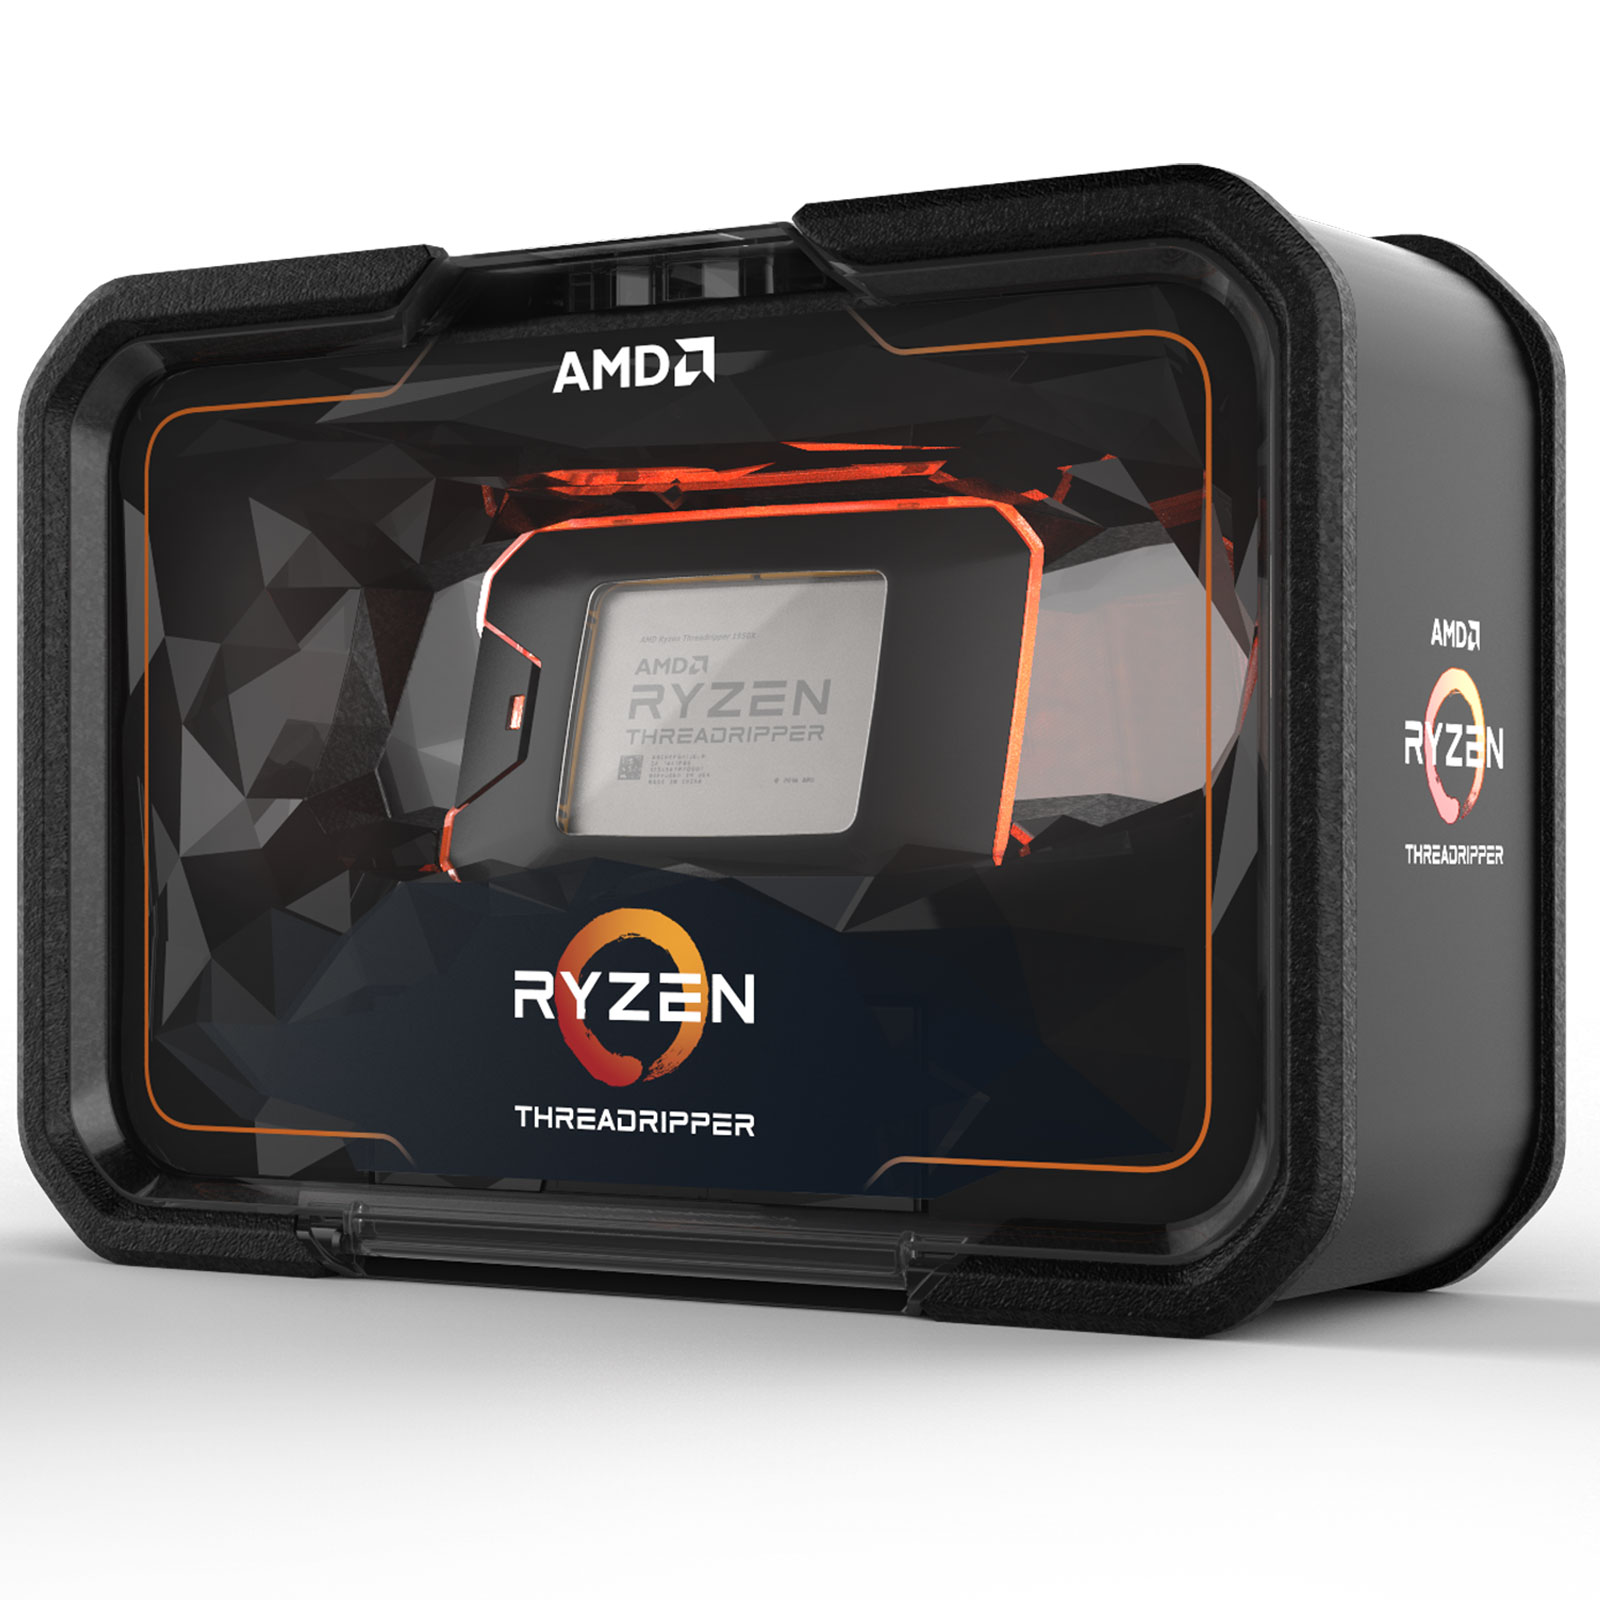 Processeur AMD Ryzen Threadripper 2920X (3.5 GHz) Processeur 12-Core Socket sTR4 Cache L3 32 Mo 0.012 micron TDP 180W (version boîte sans ventilateur - garantie constructeur 3 ans)